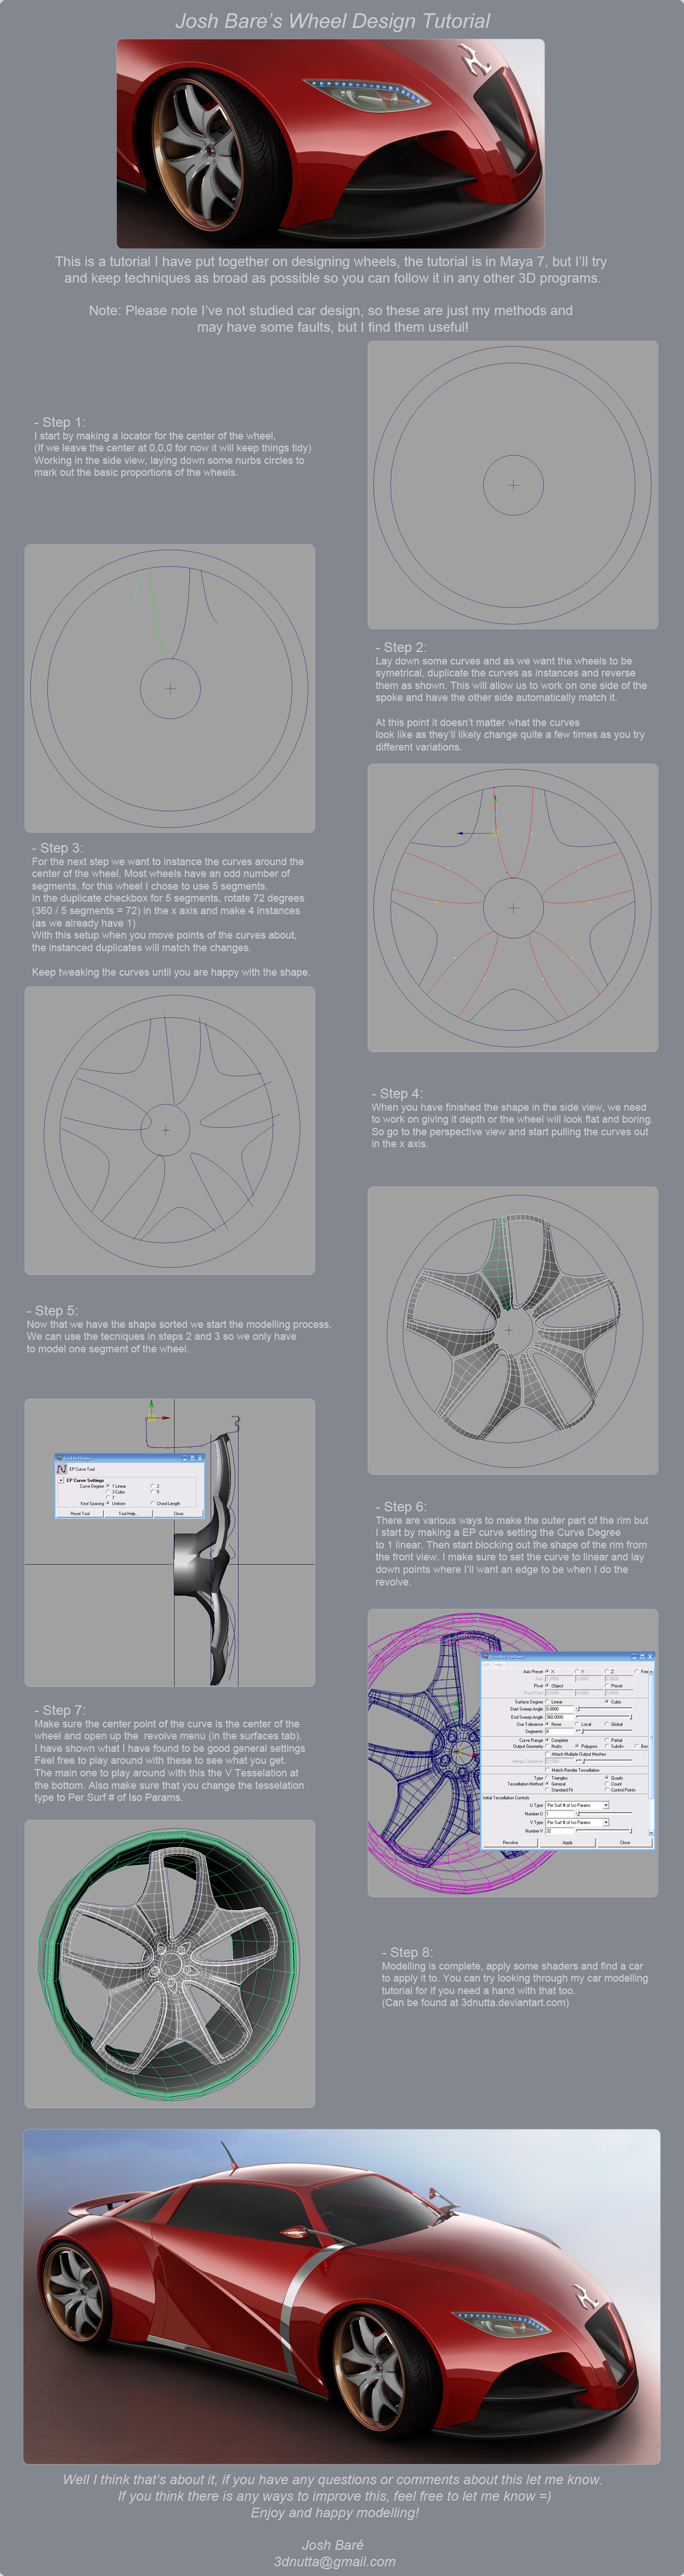 3DnuTTa's Rim Design Tutorial